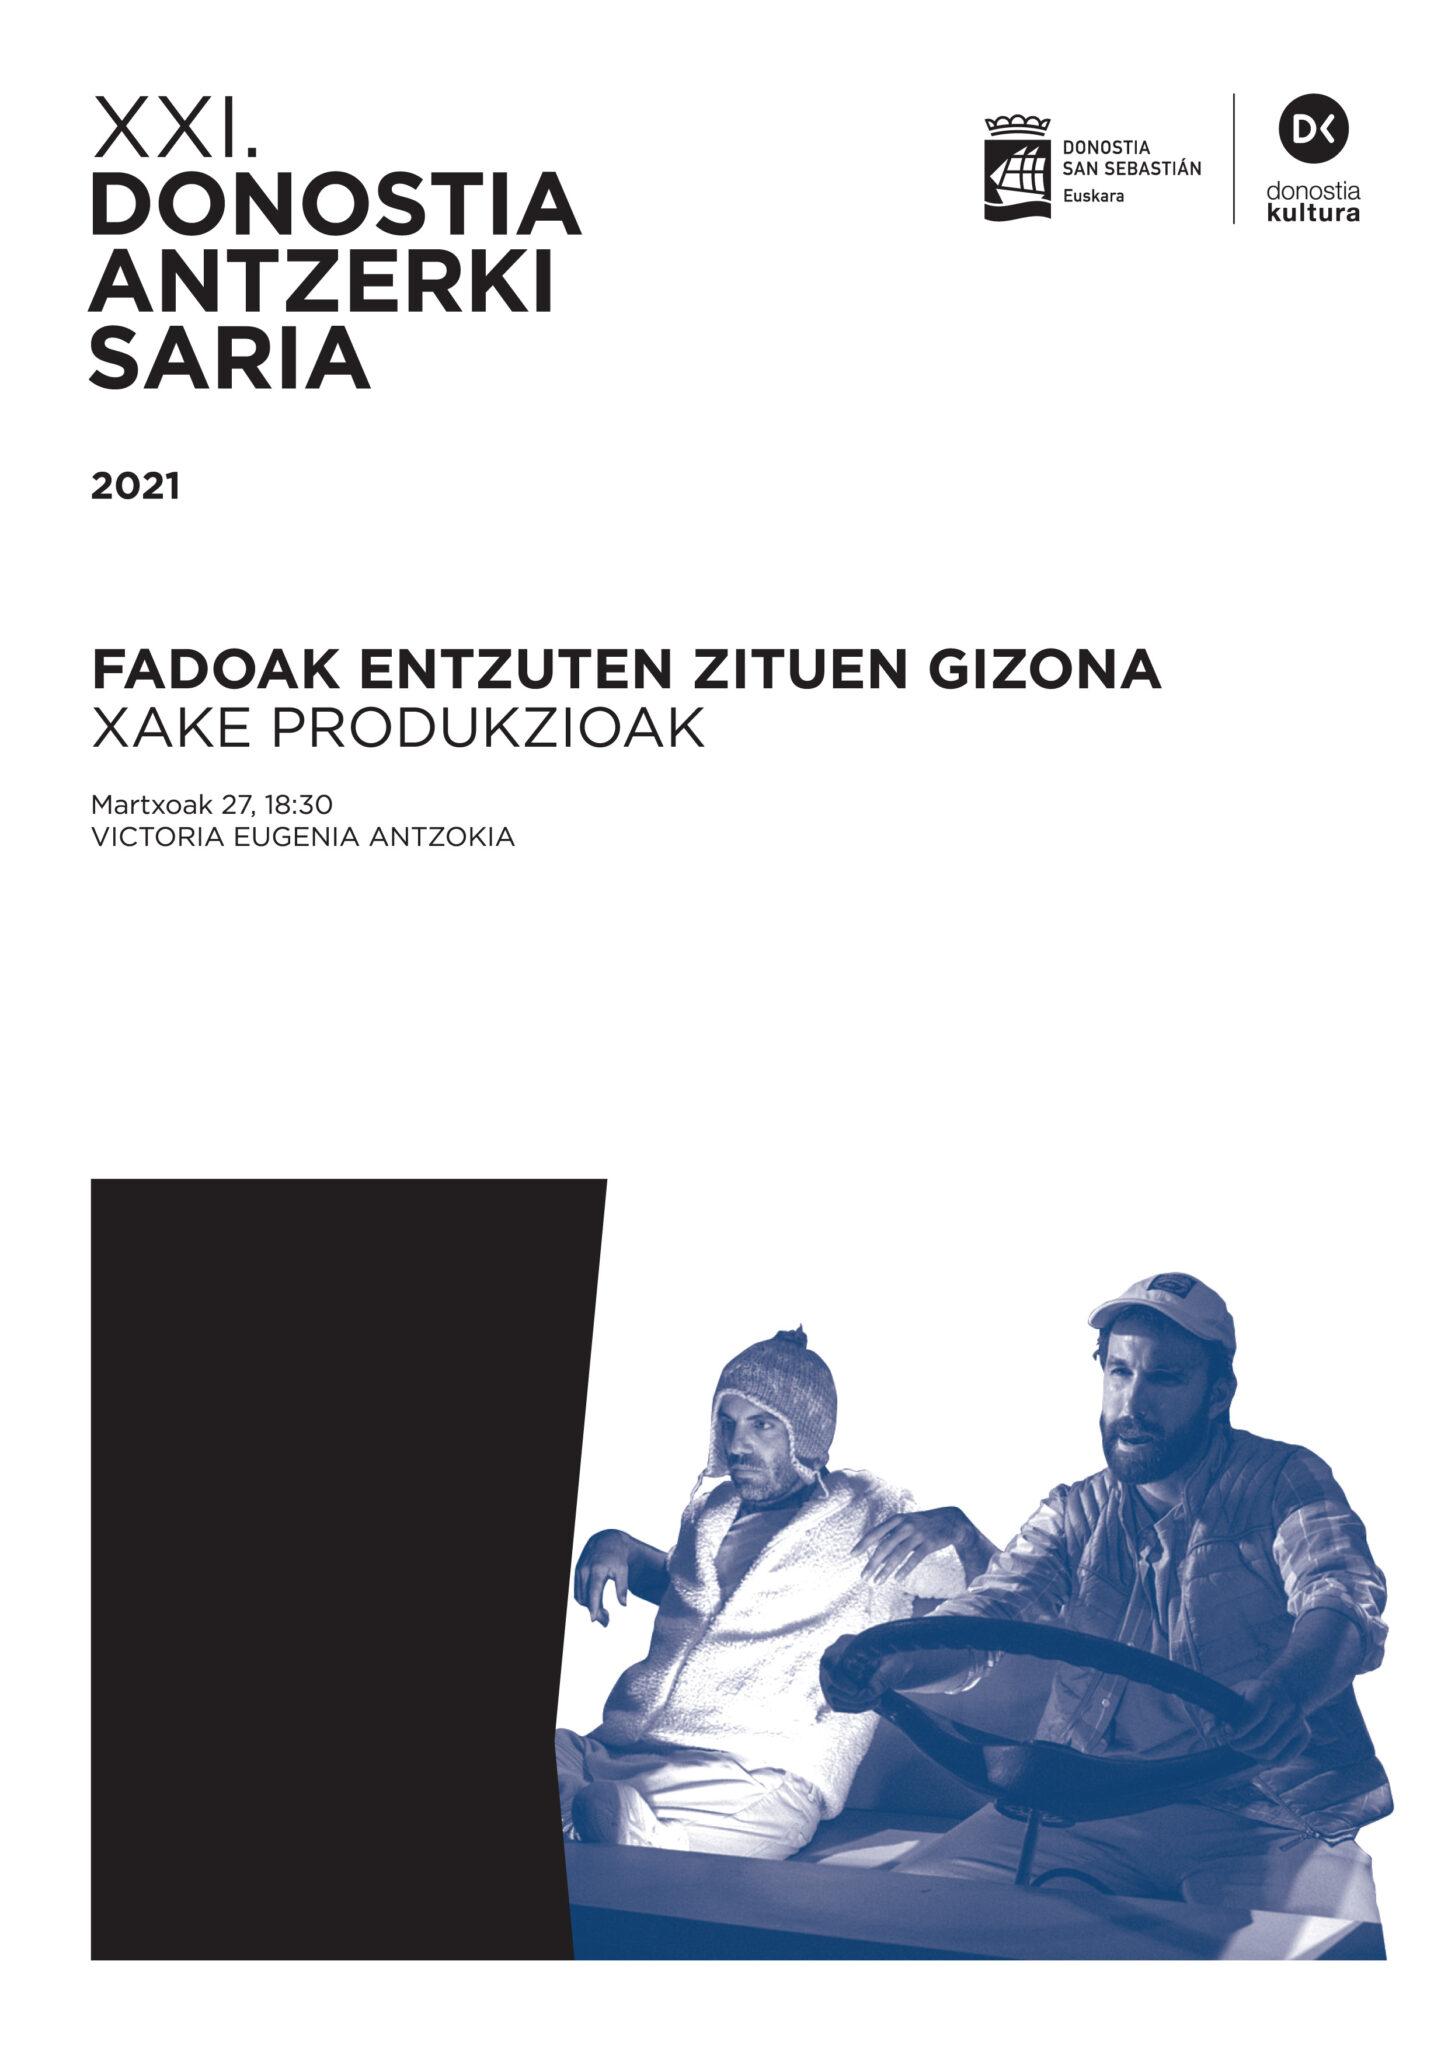 Cartel ganador. Foto: Donostia Kultura